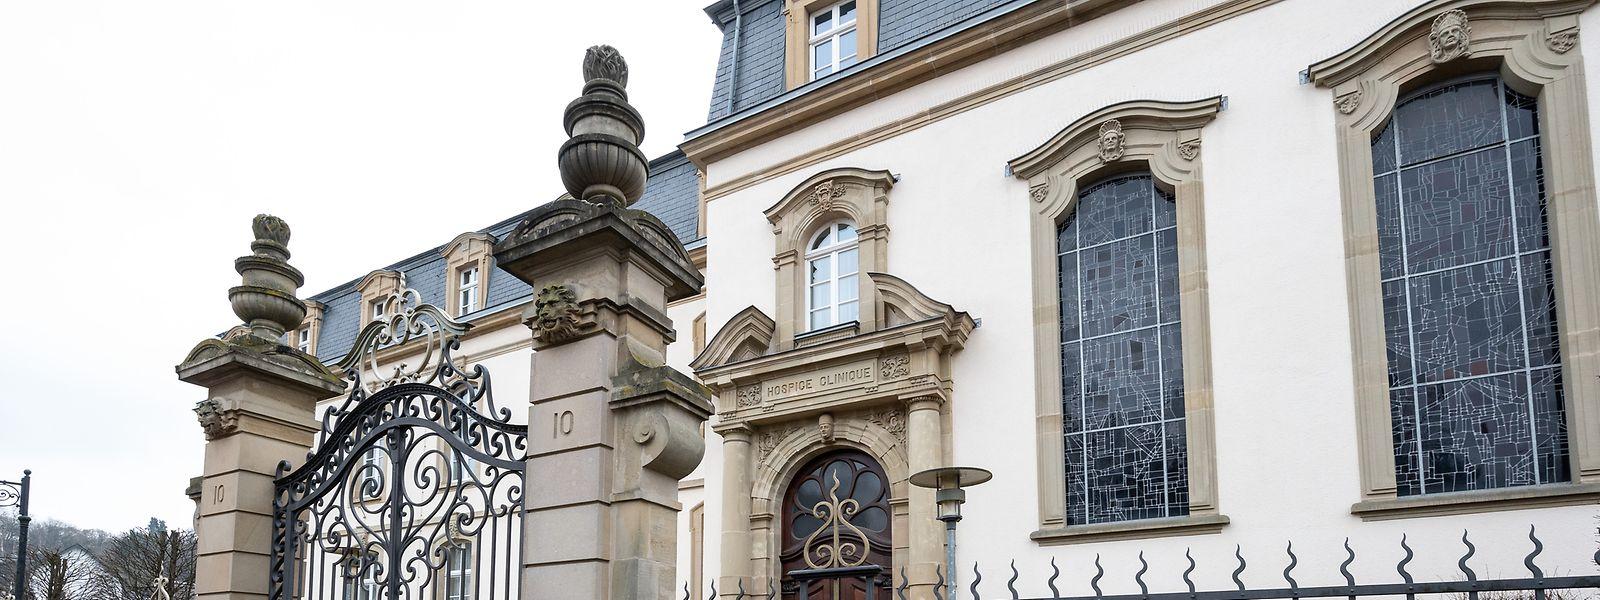 Gegen einen Anbau links an das über 100 Jahre alte Gebäude hatte der Denkmalschutz Einwände.